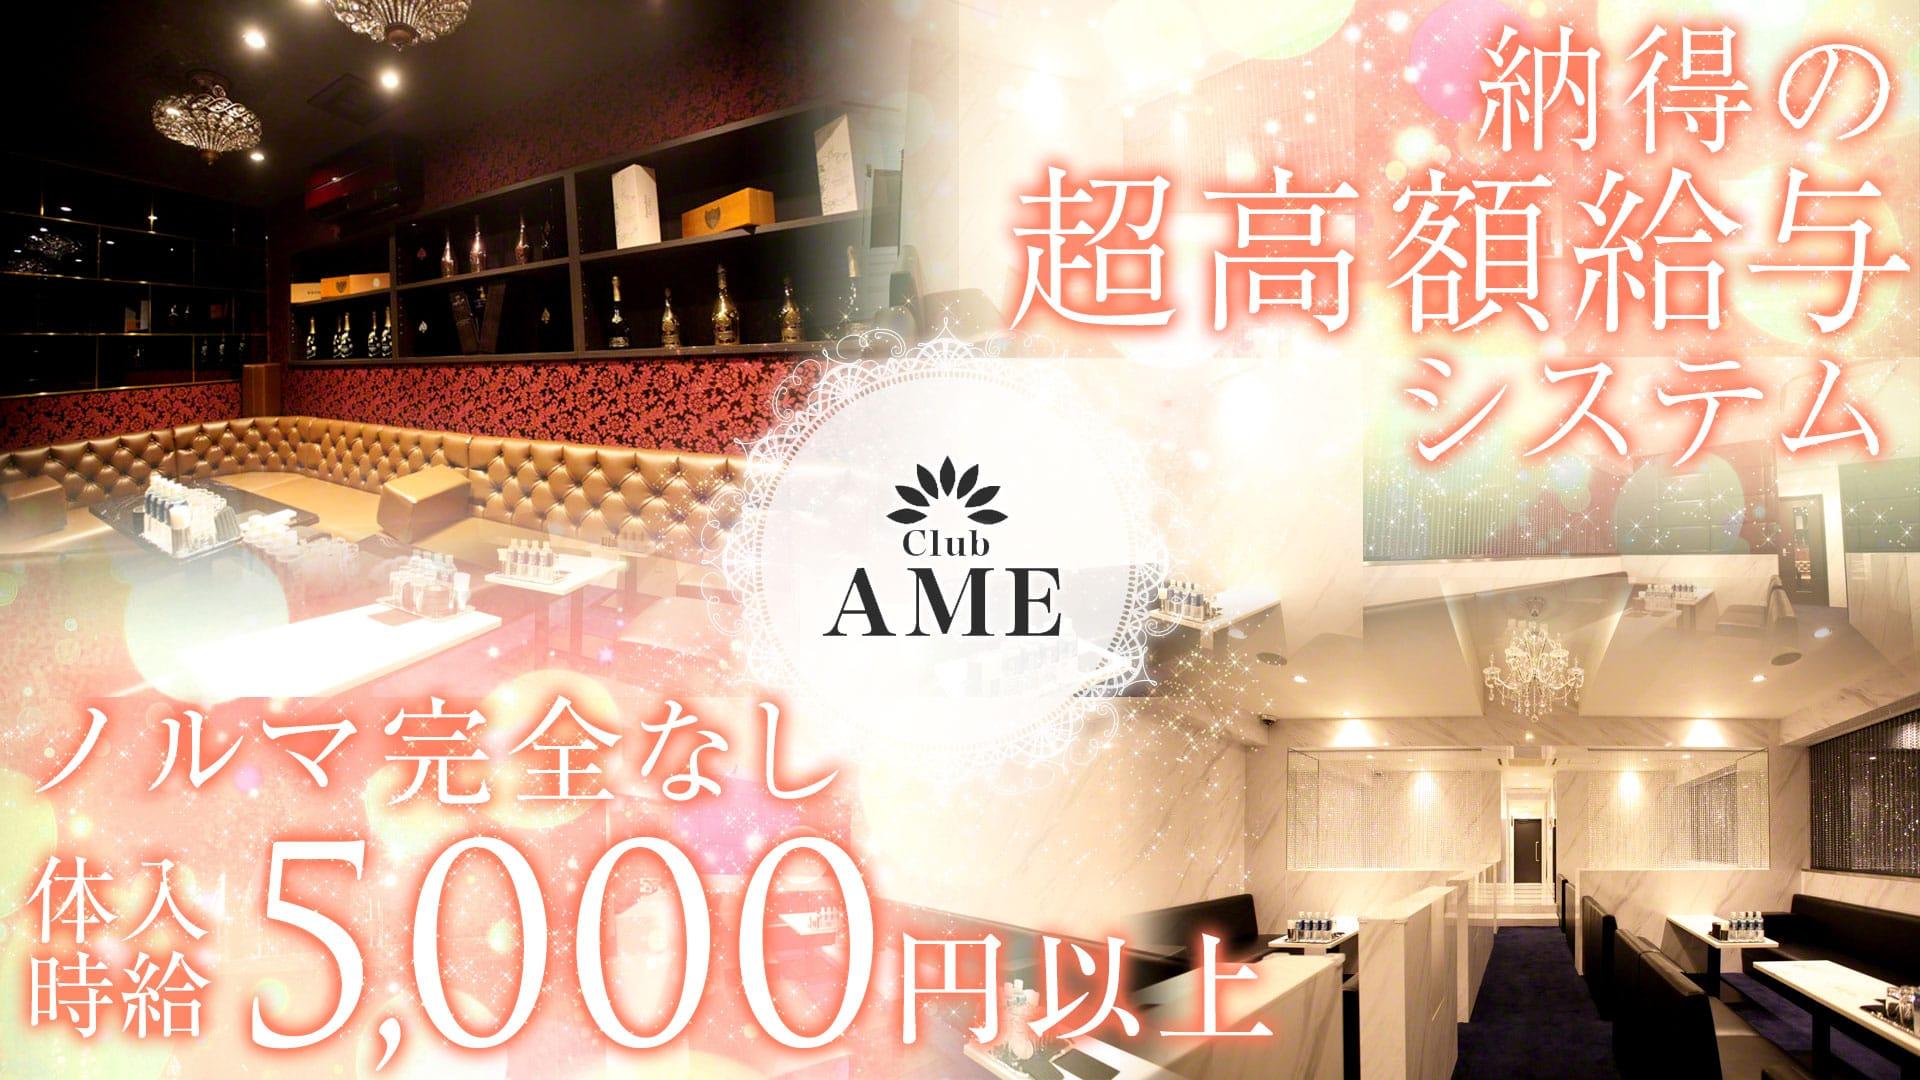 club AME(エイム) TOP画像